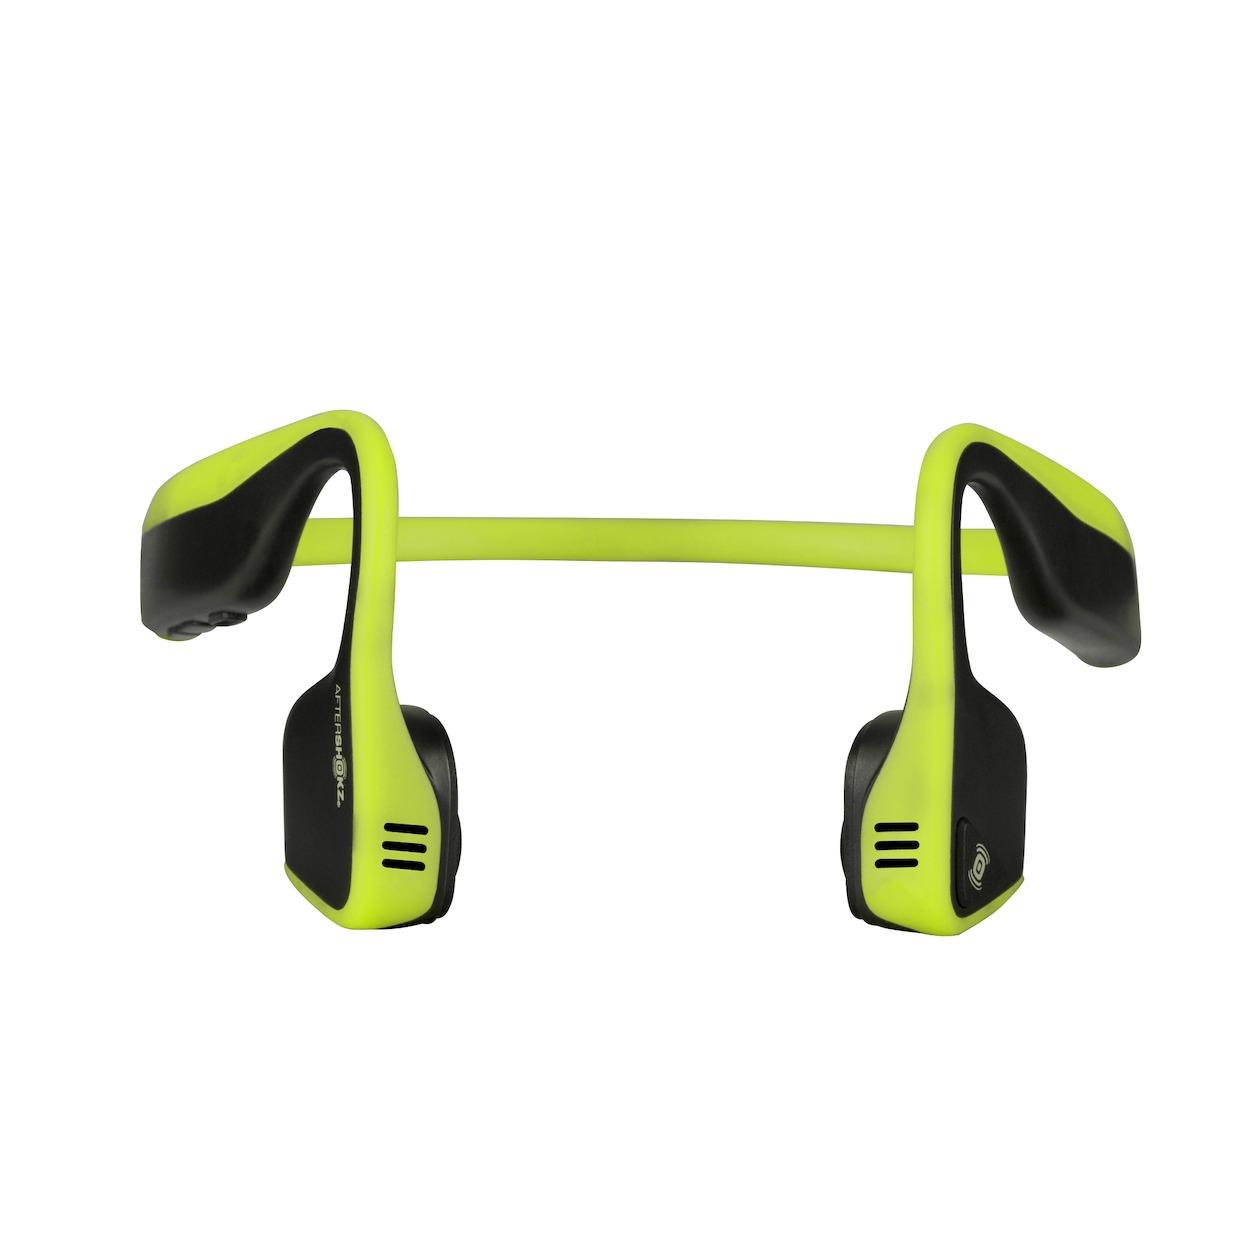 Afbeelding van Aftershokz earbud oordopjes Trekz Titanium groen